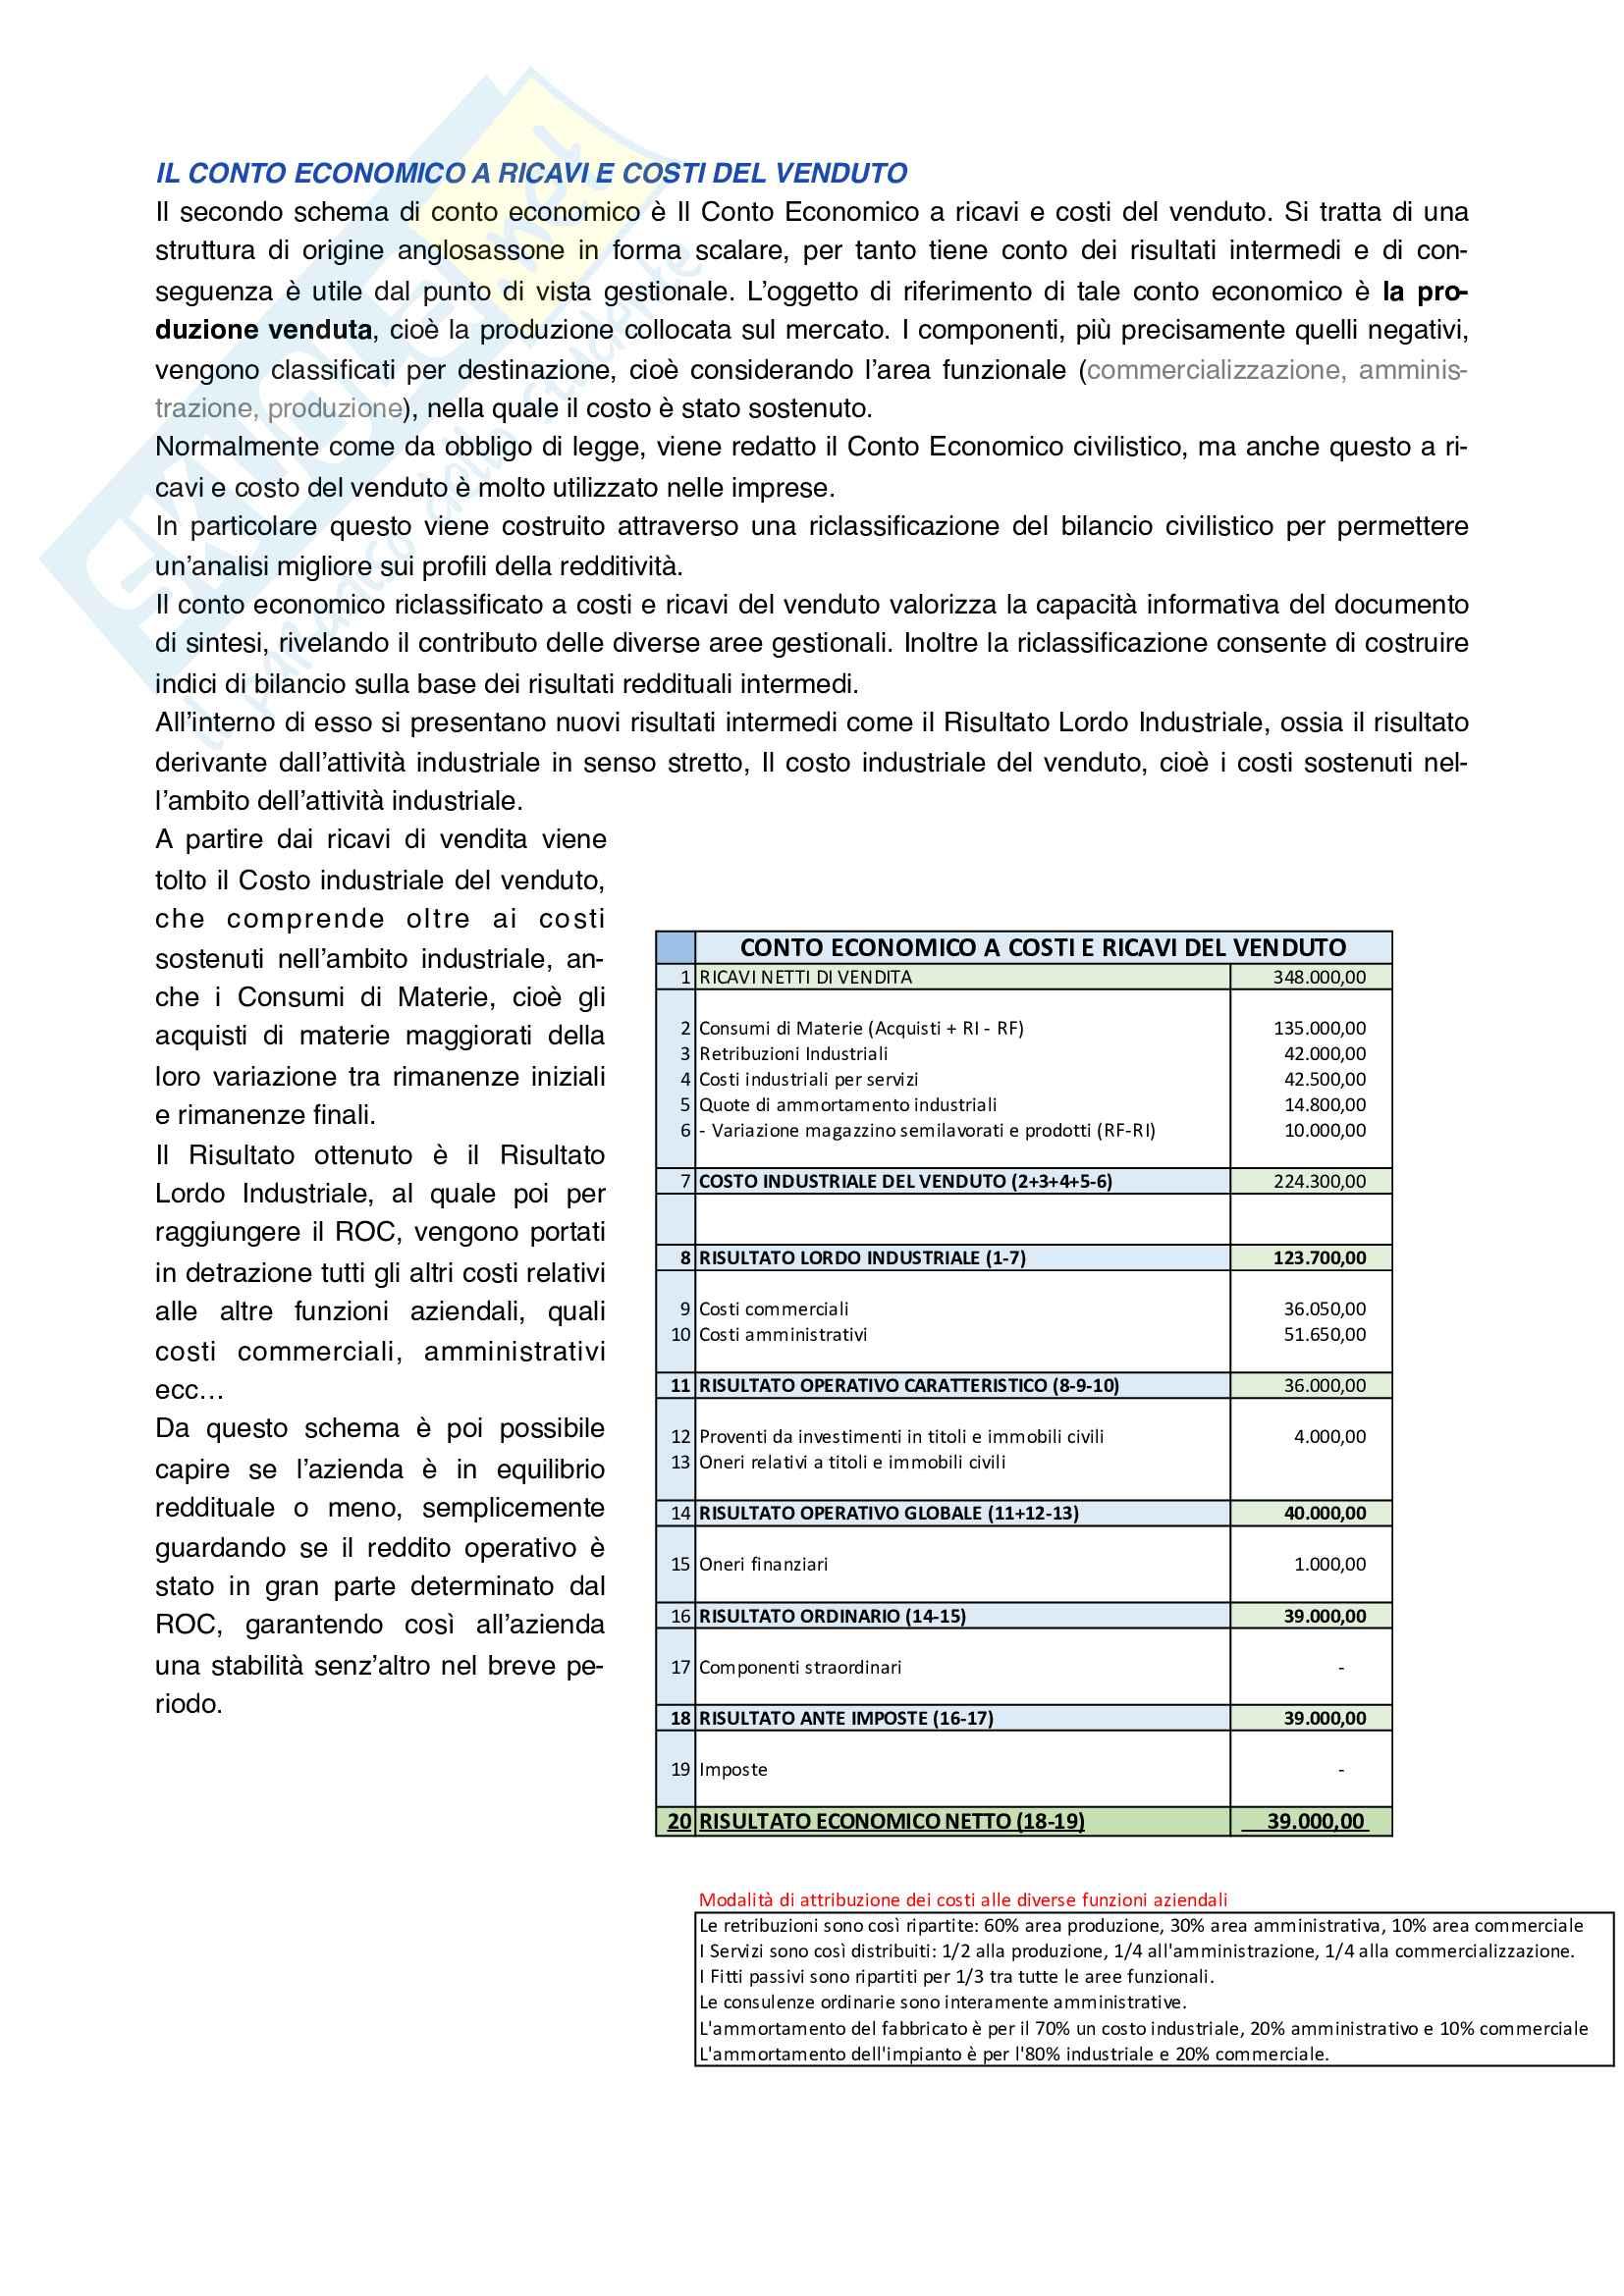 Economia aziendale secondo parziale Pag. 11